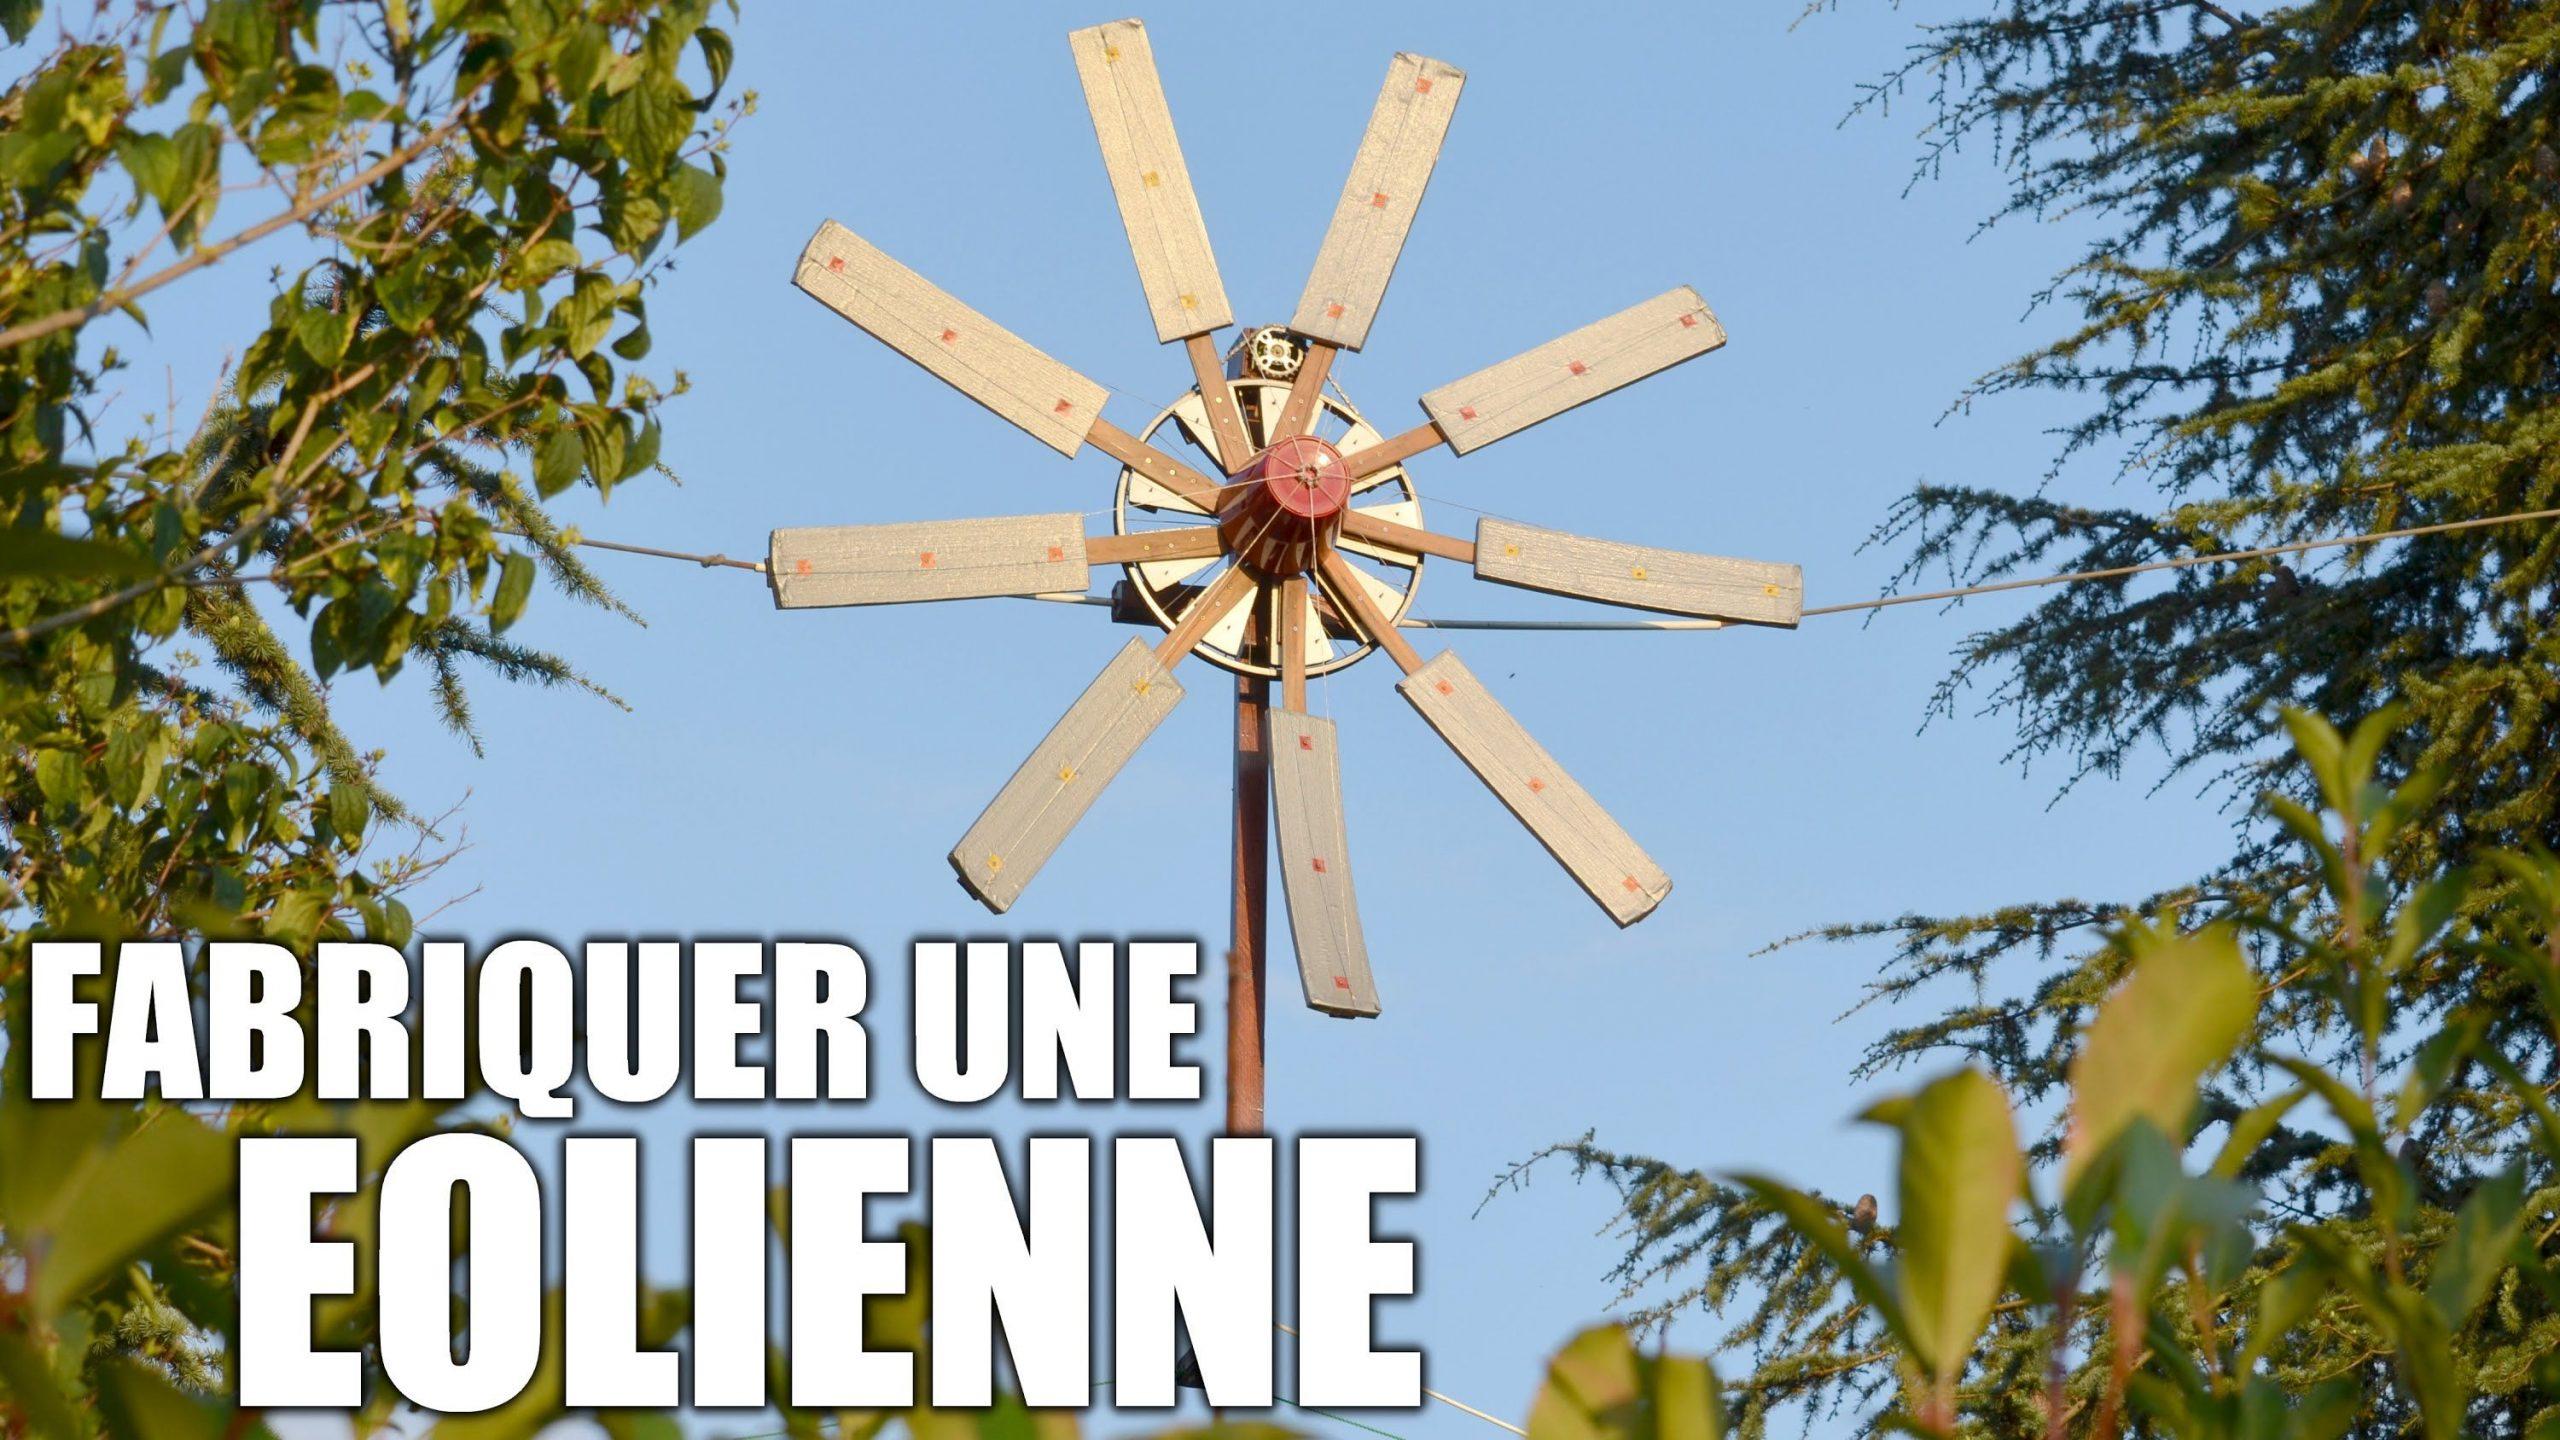 Fabriquer Une Éolienne : Incroyables Expériences [85 ... tout Construire Une Eolienne De Jardin